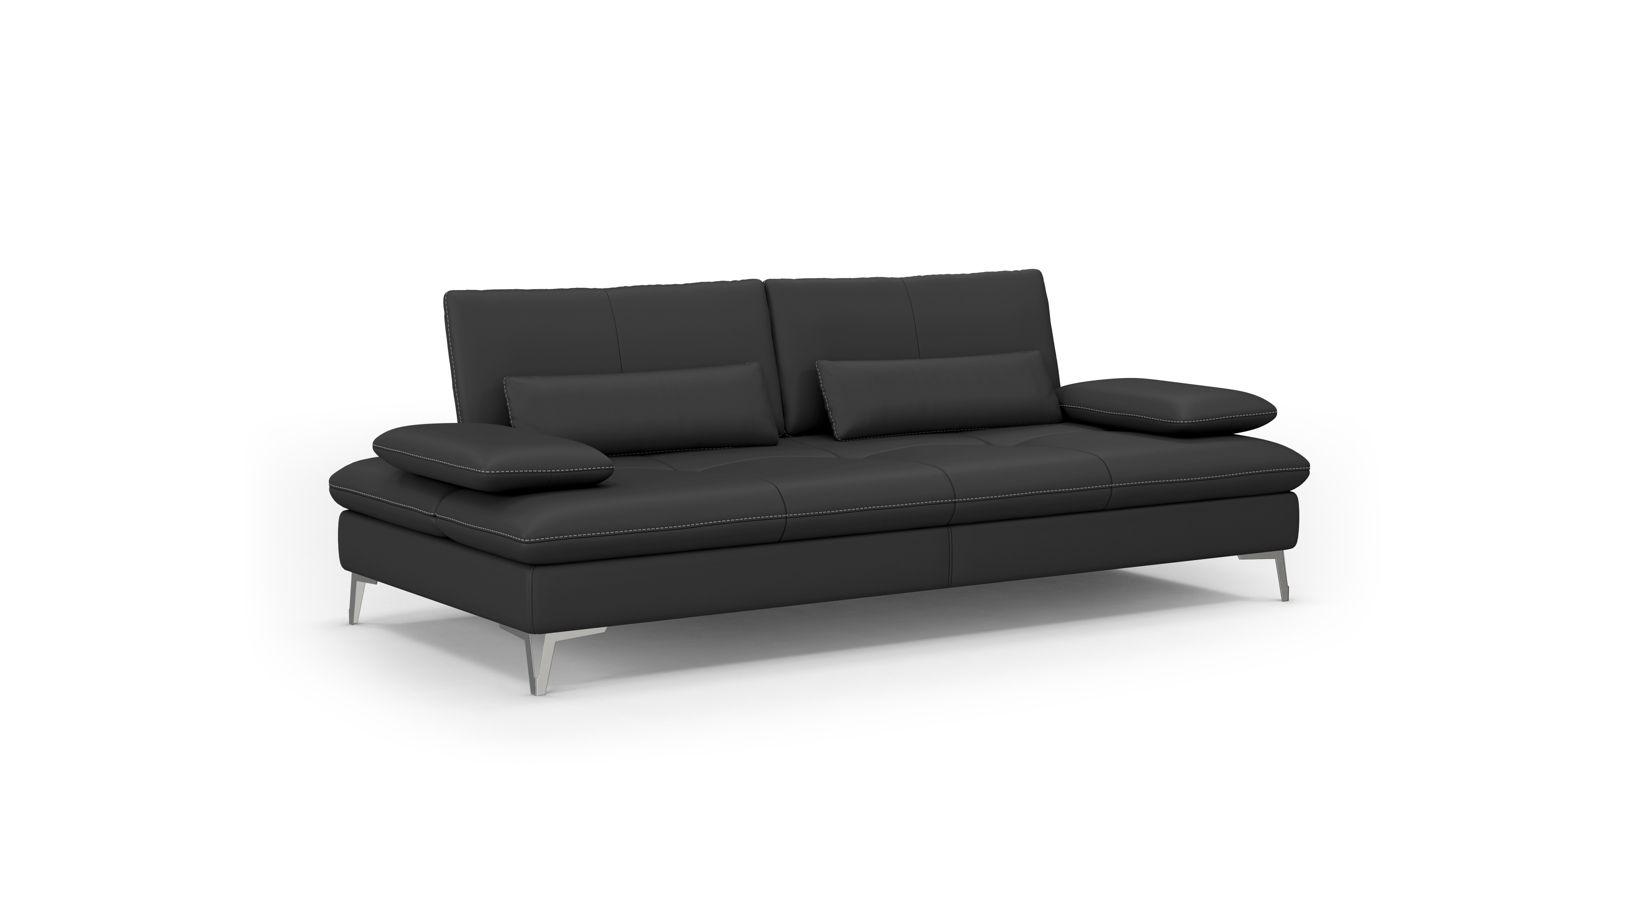 gro es 3 sitzer sofa scenario roche bobois. Black Bedroom Furniture Sets. Home Design Ideas